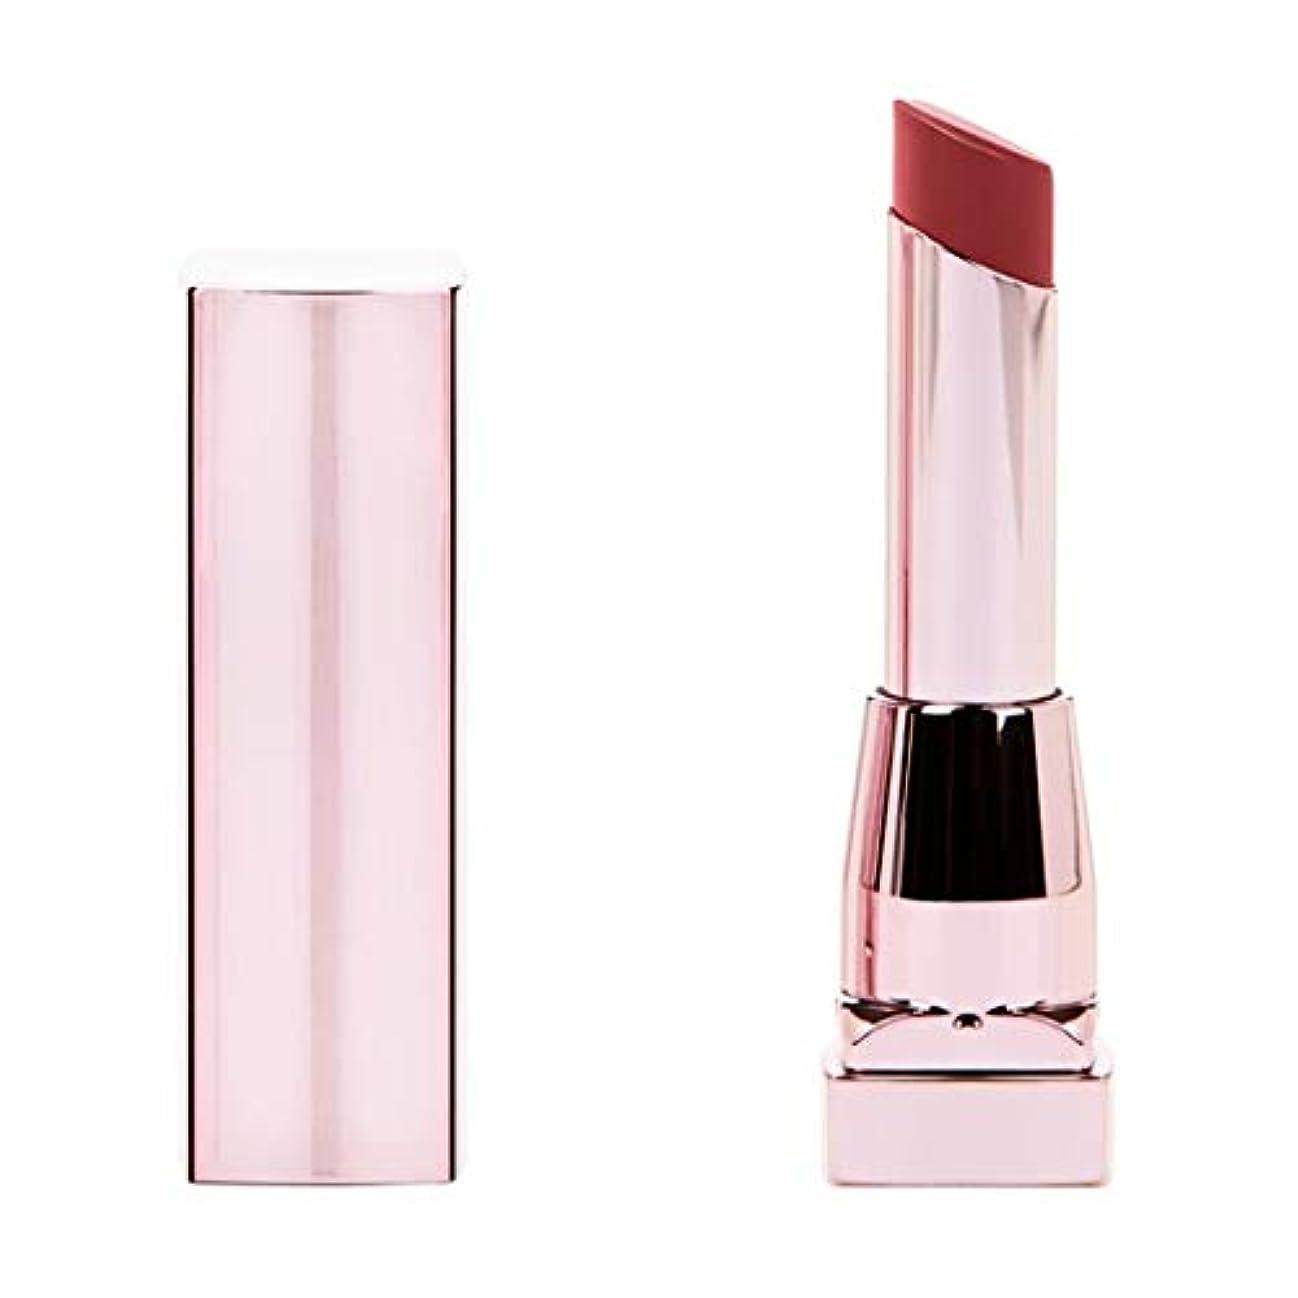 彼ら親密なクマノミ(6 Pack) MAYBELLINE Color Sensational Shine Compulsion Lipstick - Scarlet Flame 090 (並行輸入品)